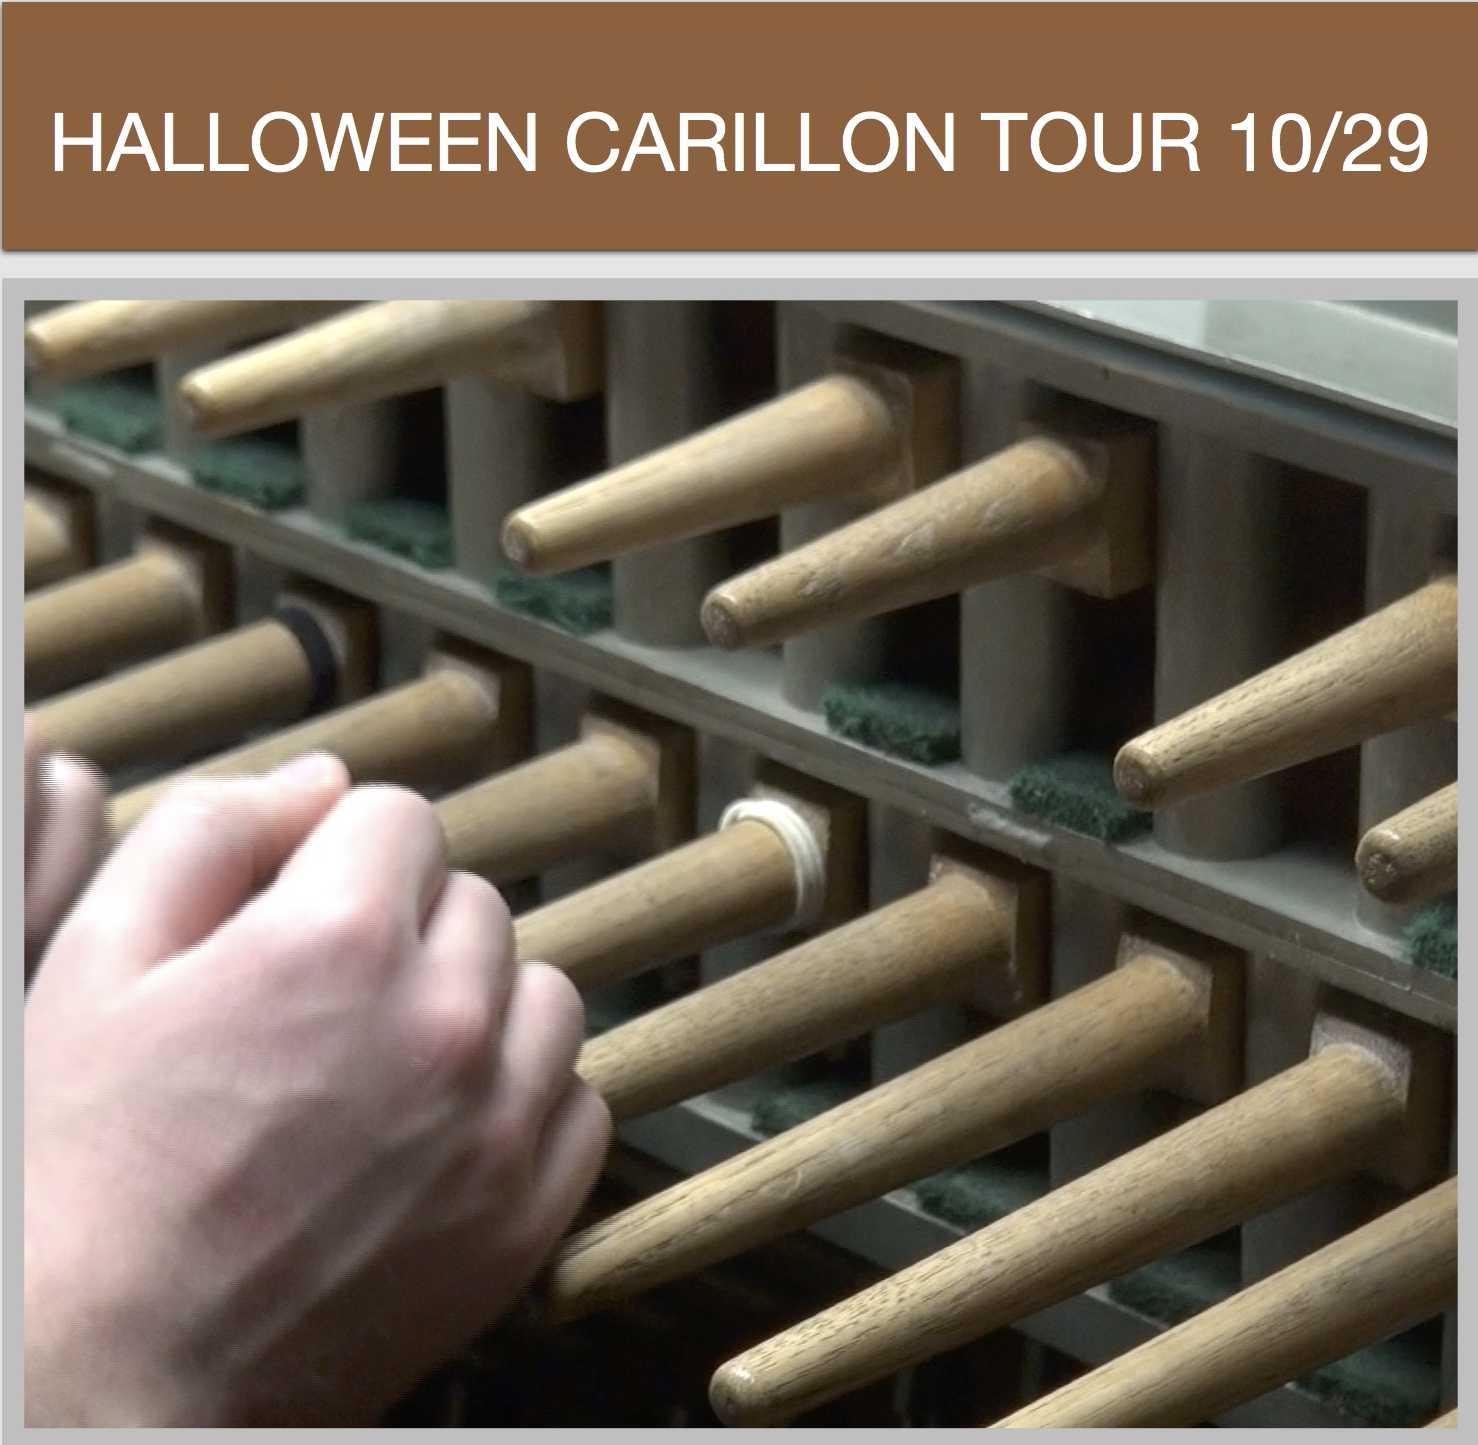 ecms-carillon-tour-cropped